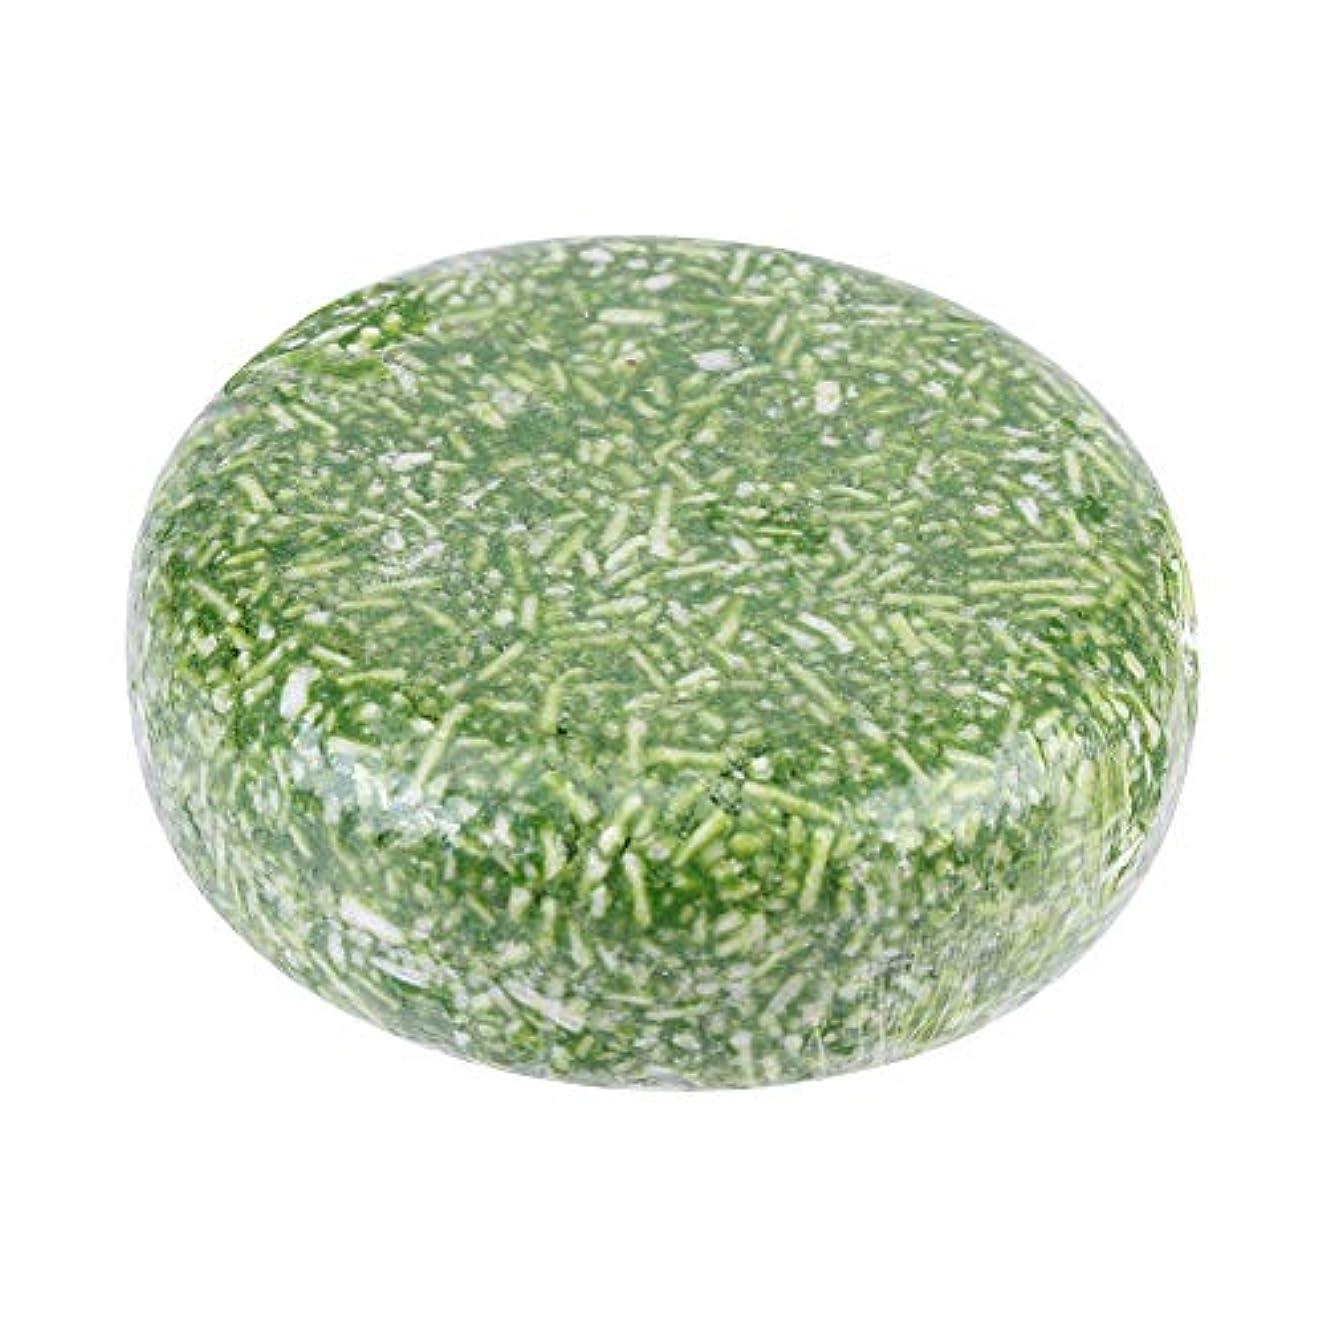 ブートハッピー食用オーガニック手作り冷たいシナモンシャンプーバー100%ピュアヘアシャンプー(グリーン)